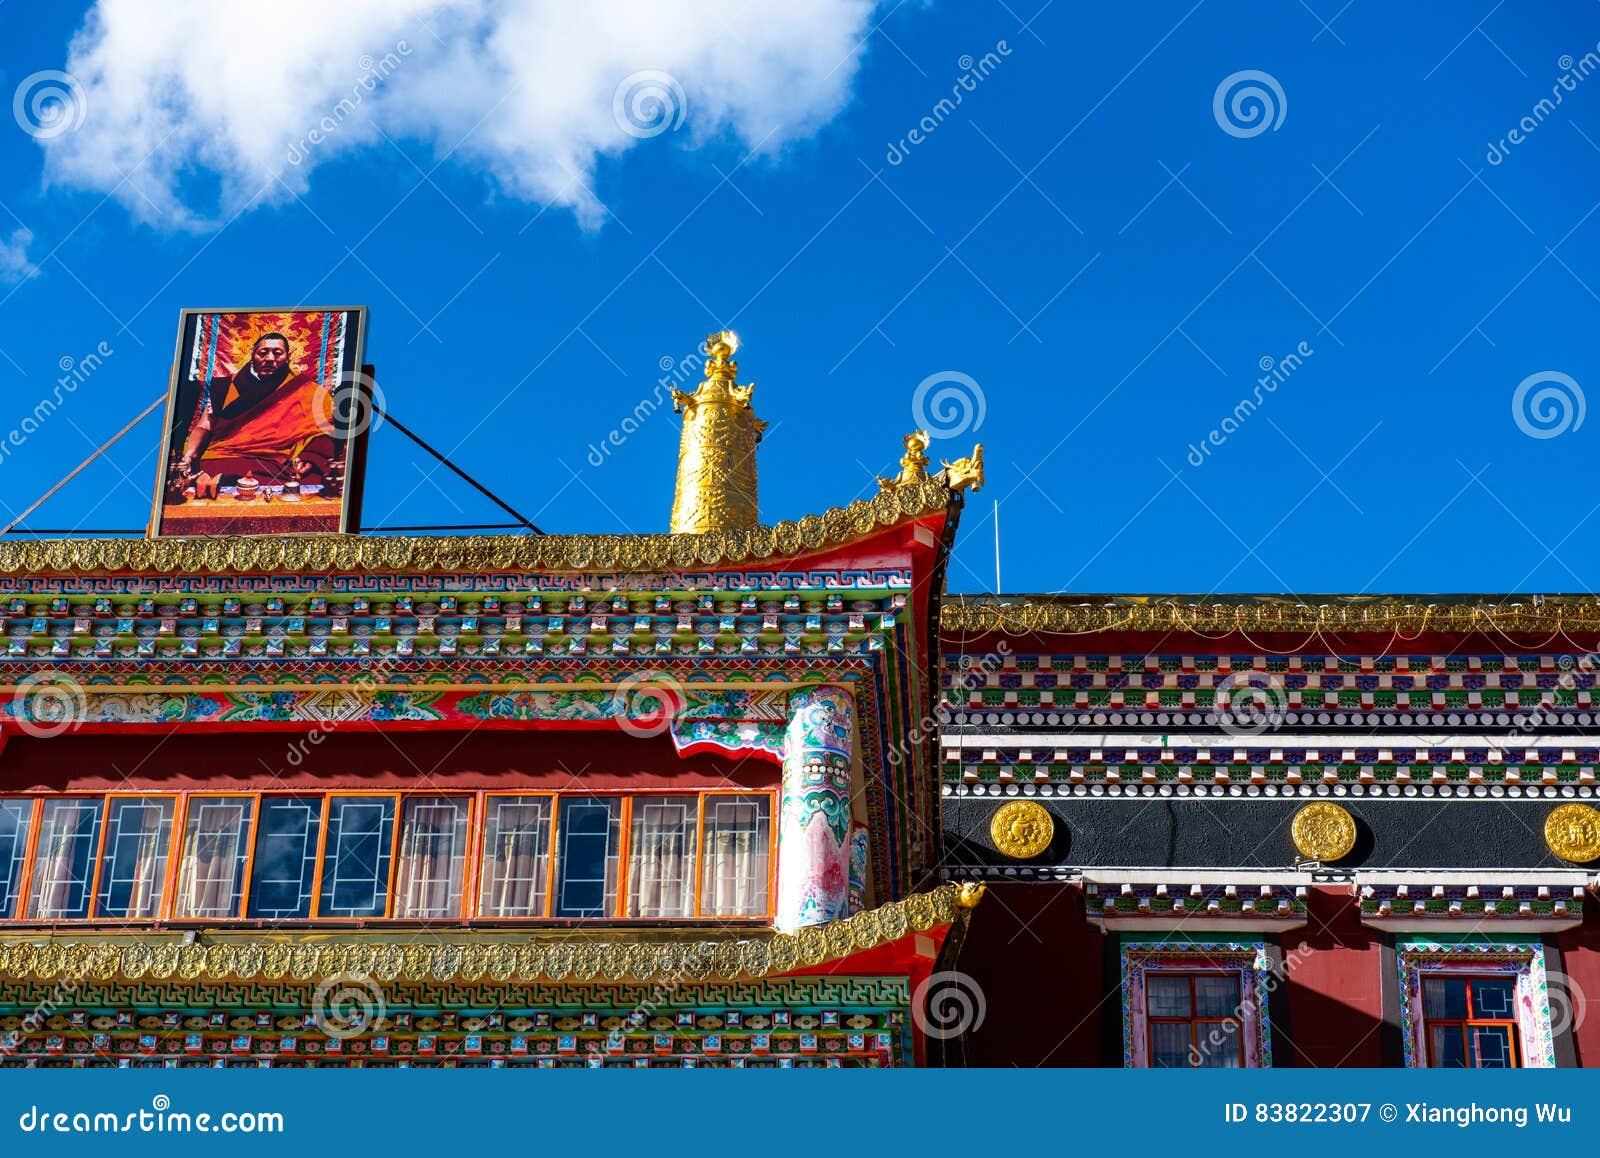 Seda Buddhist Academy